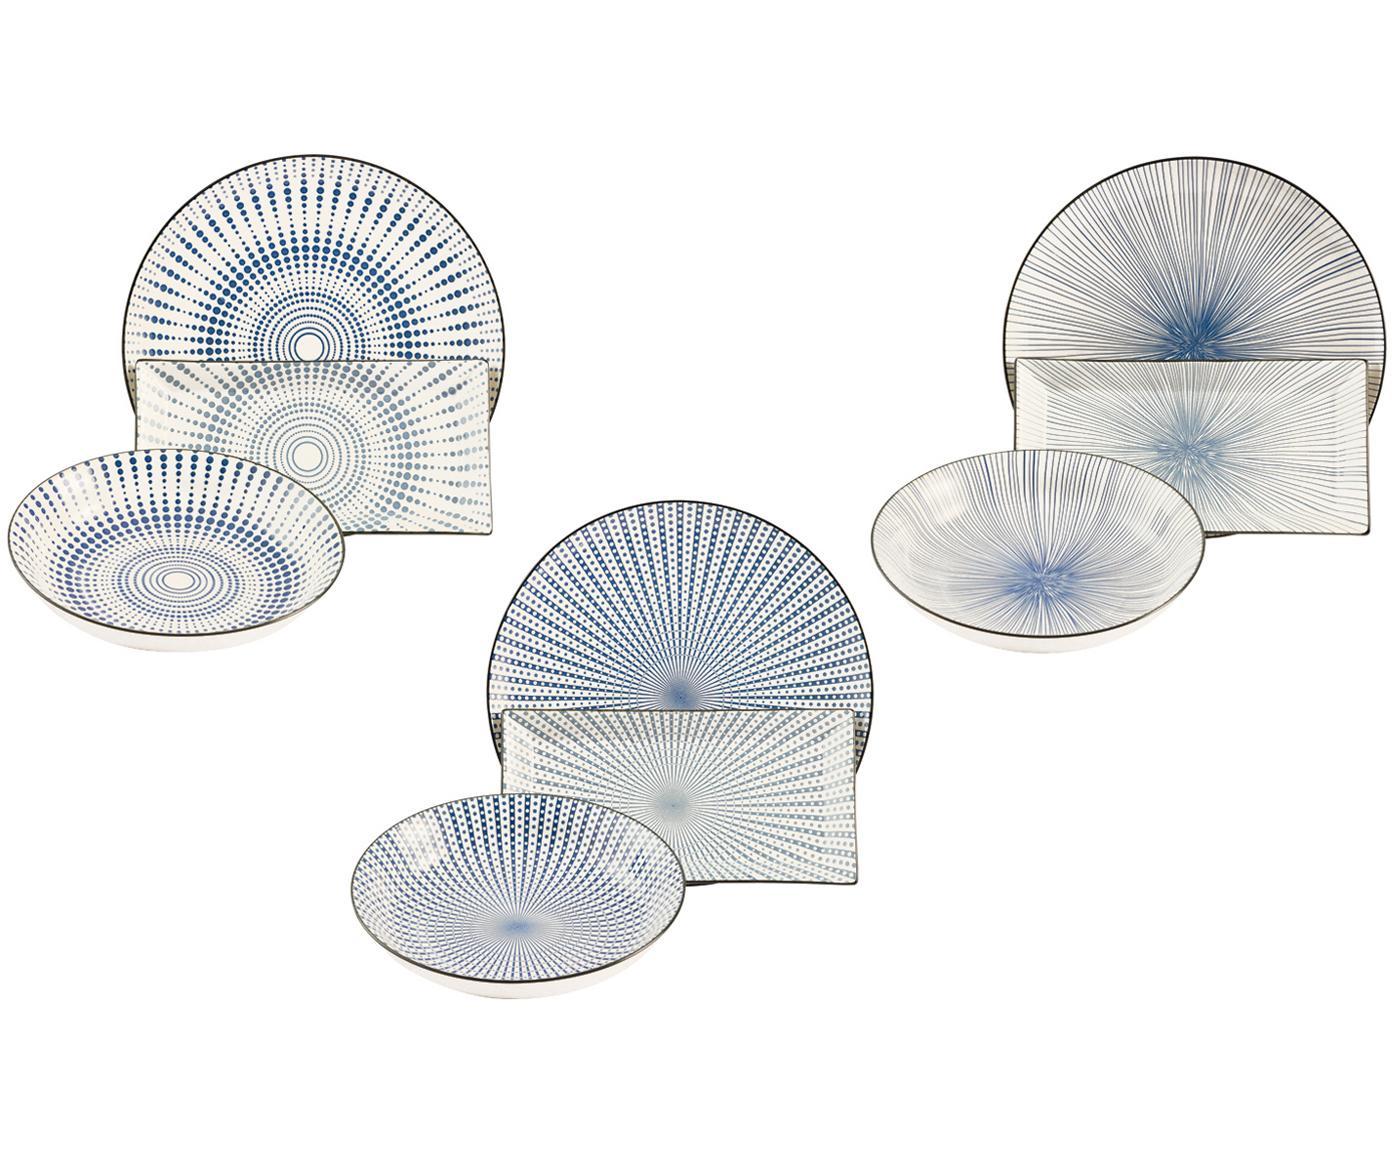 Servizio piatti Skiathos, set di 18, Terracotta, Tonalità blu, bianco latteo Bordi: antracite, Diverse dimensioni